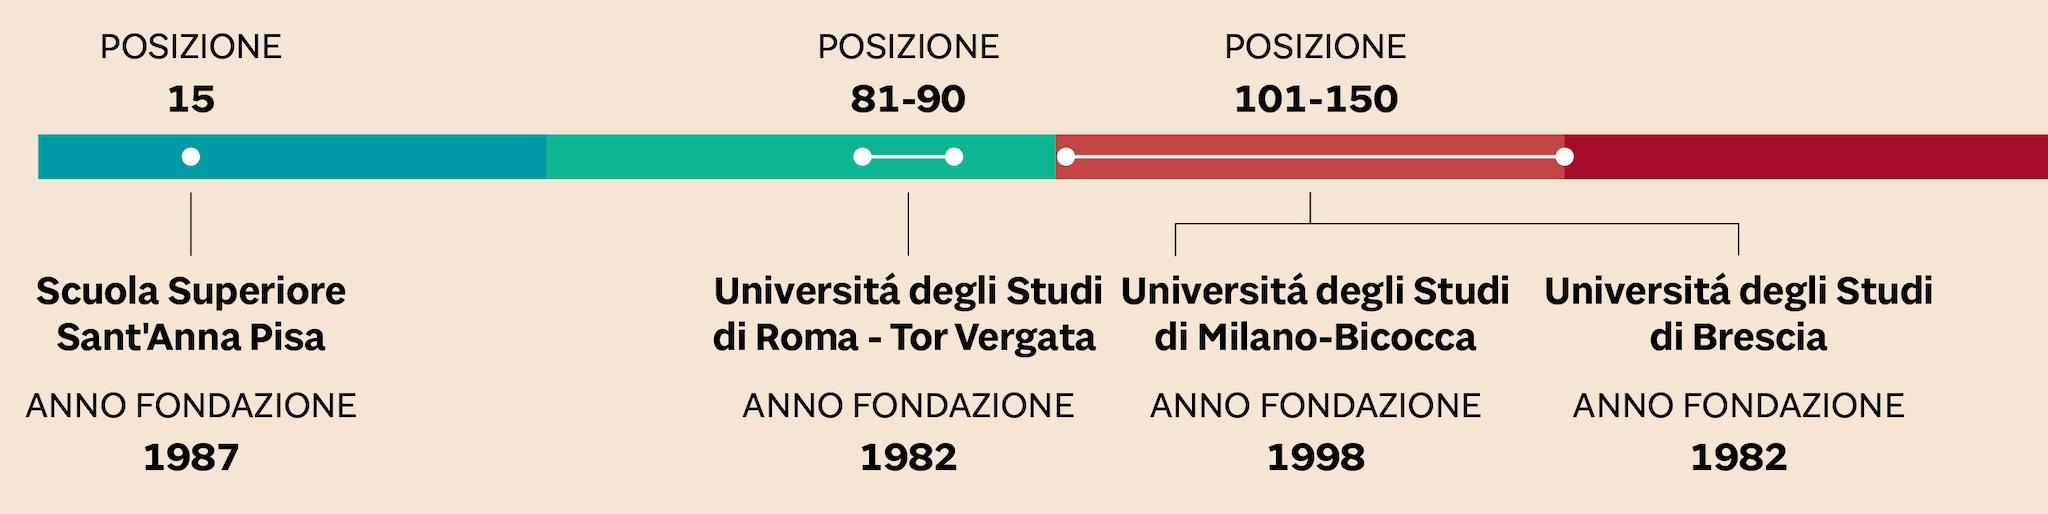 LA POSIZIONI DELLE ITALIANE